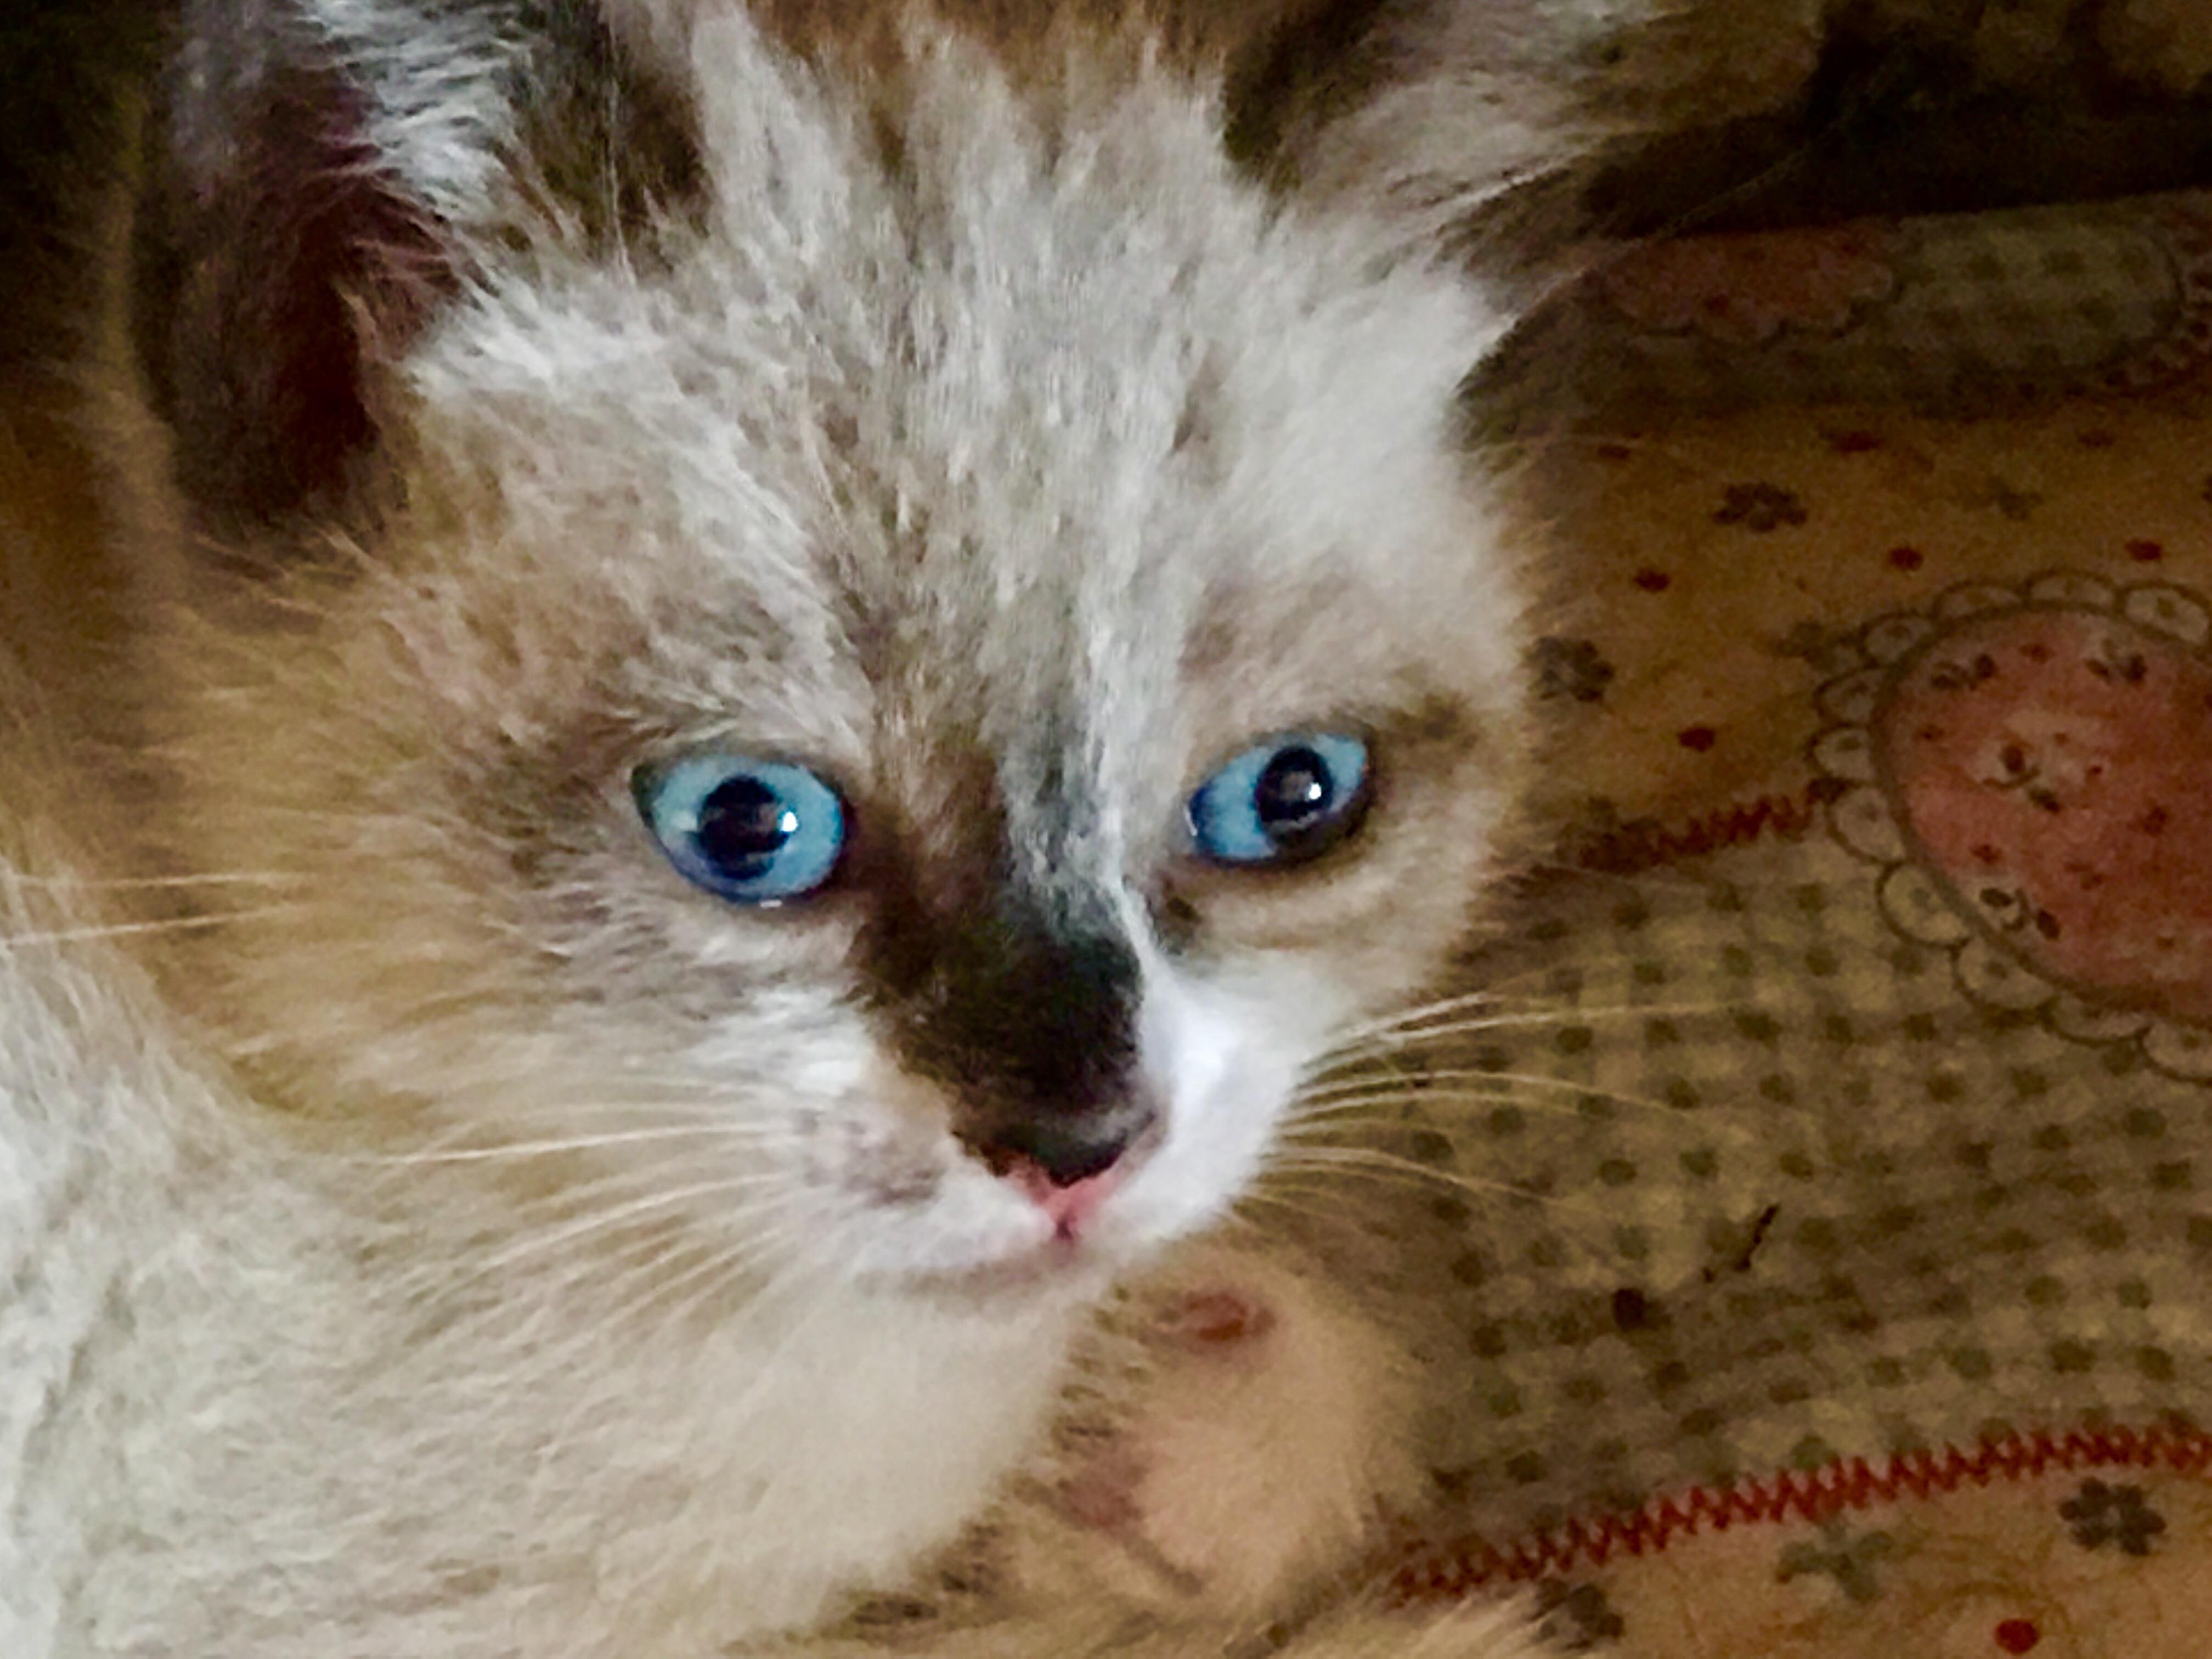 Gruppo gatti con occhi impari petpassion for Gatti con occhi diversi